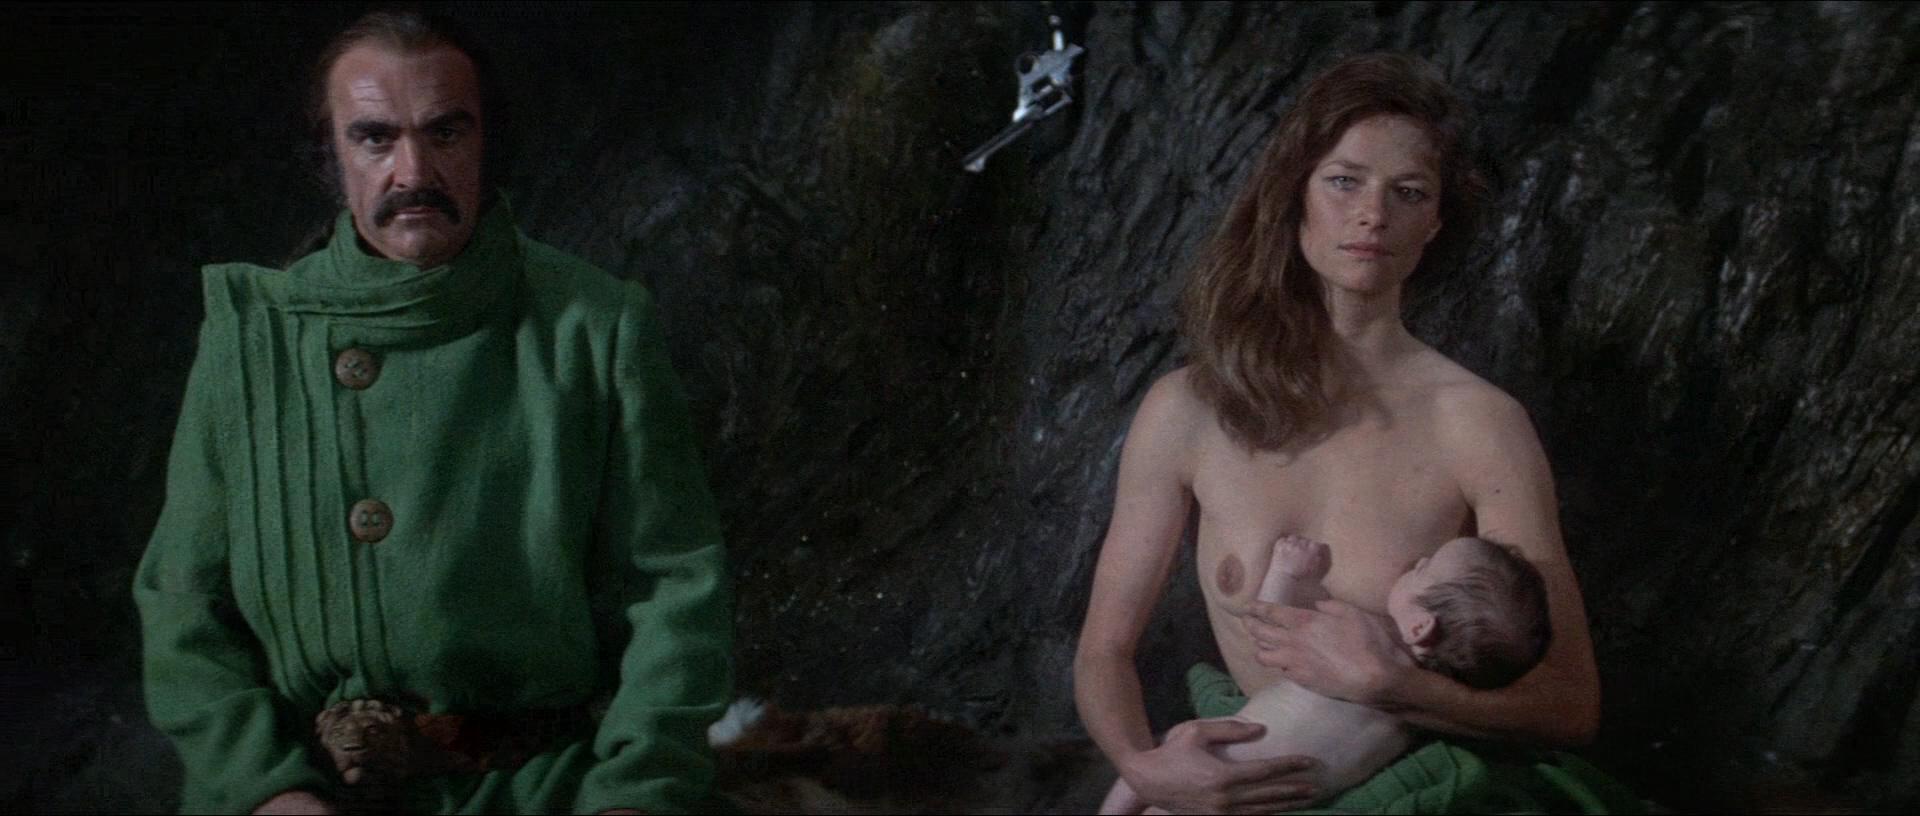 Zardoz Nude